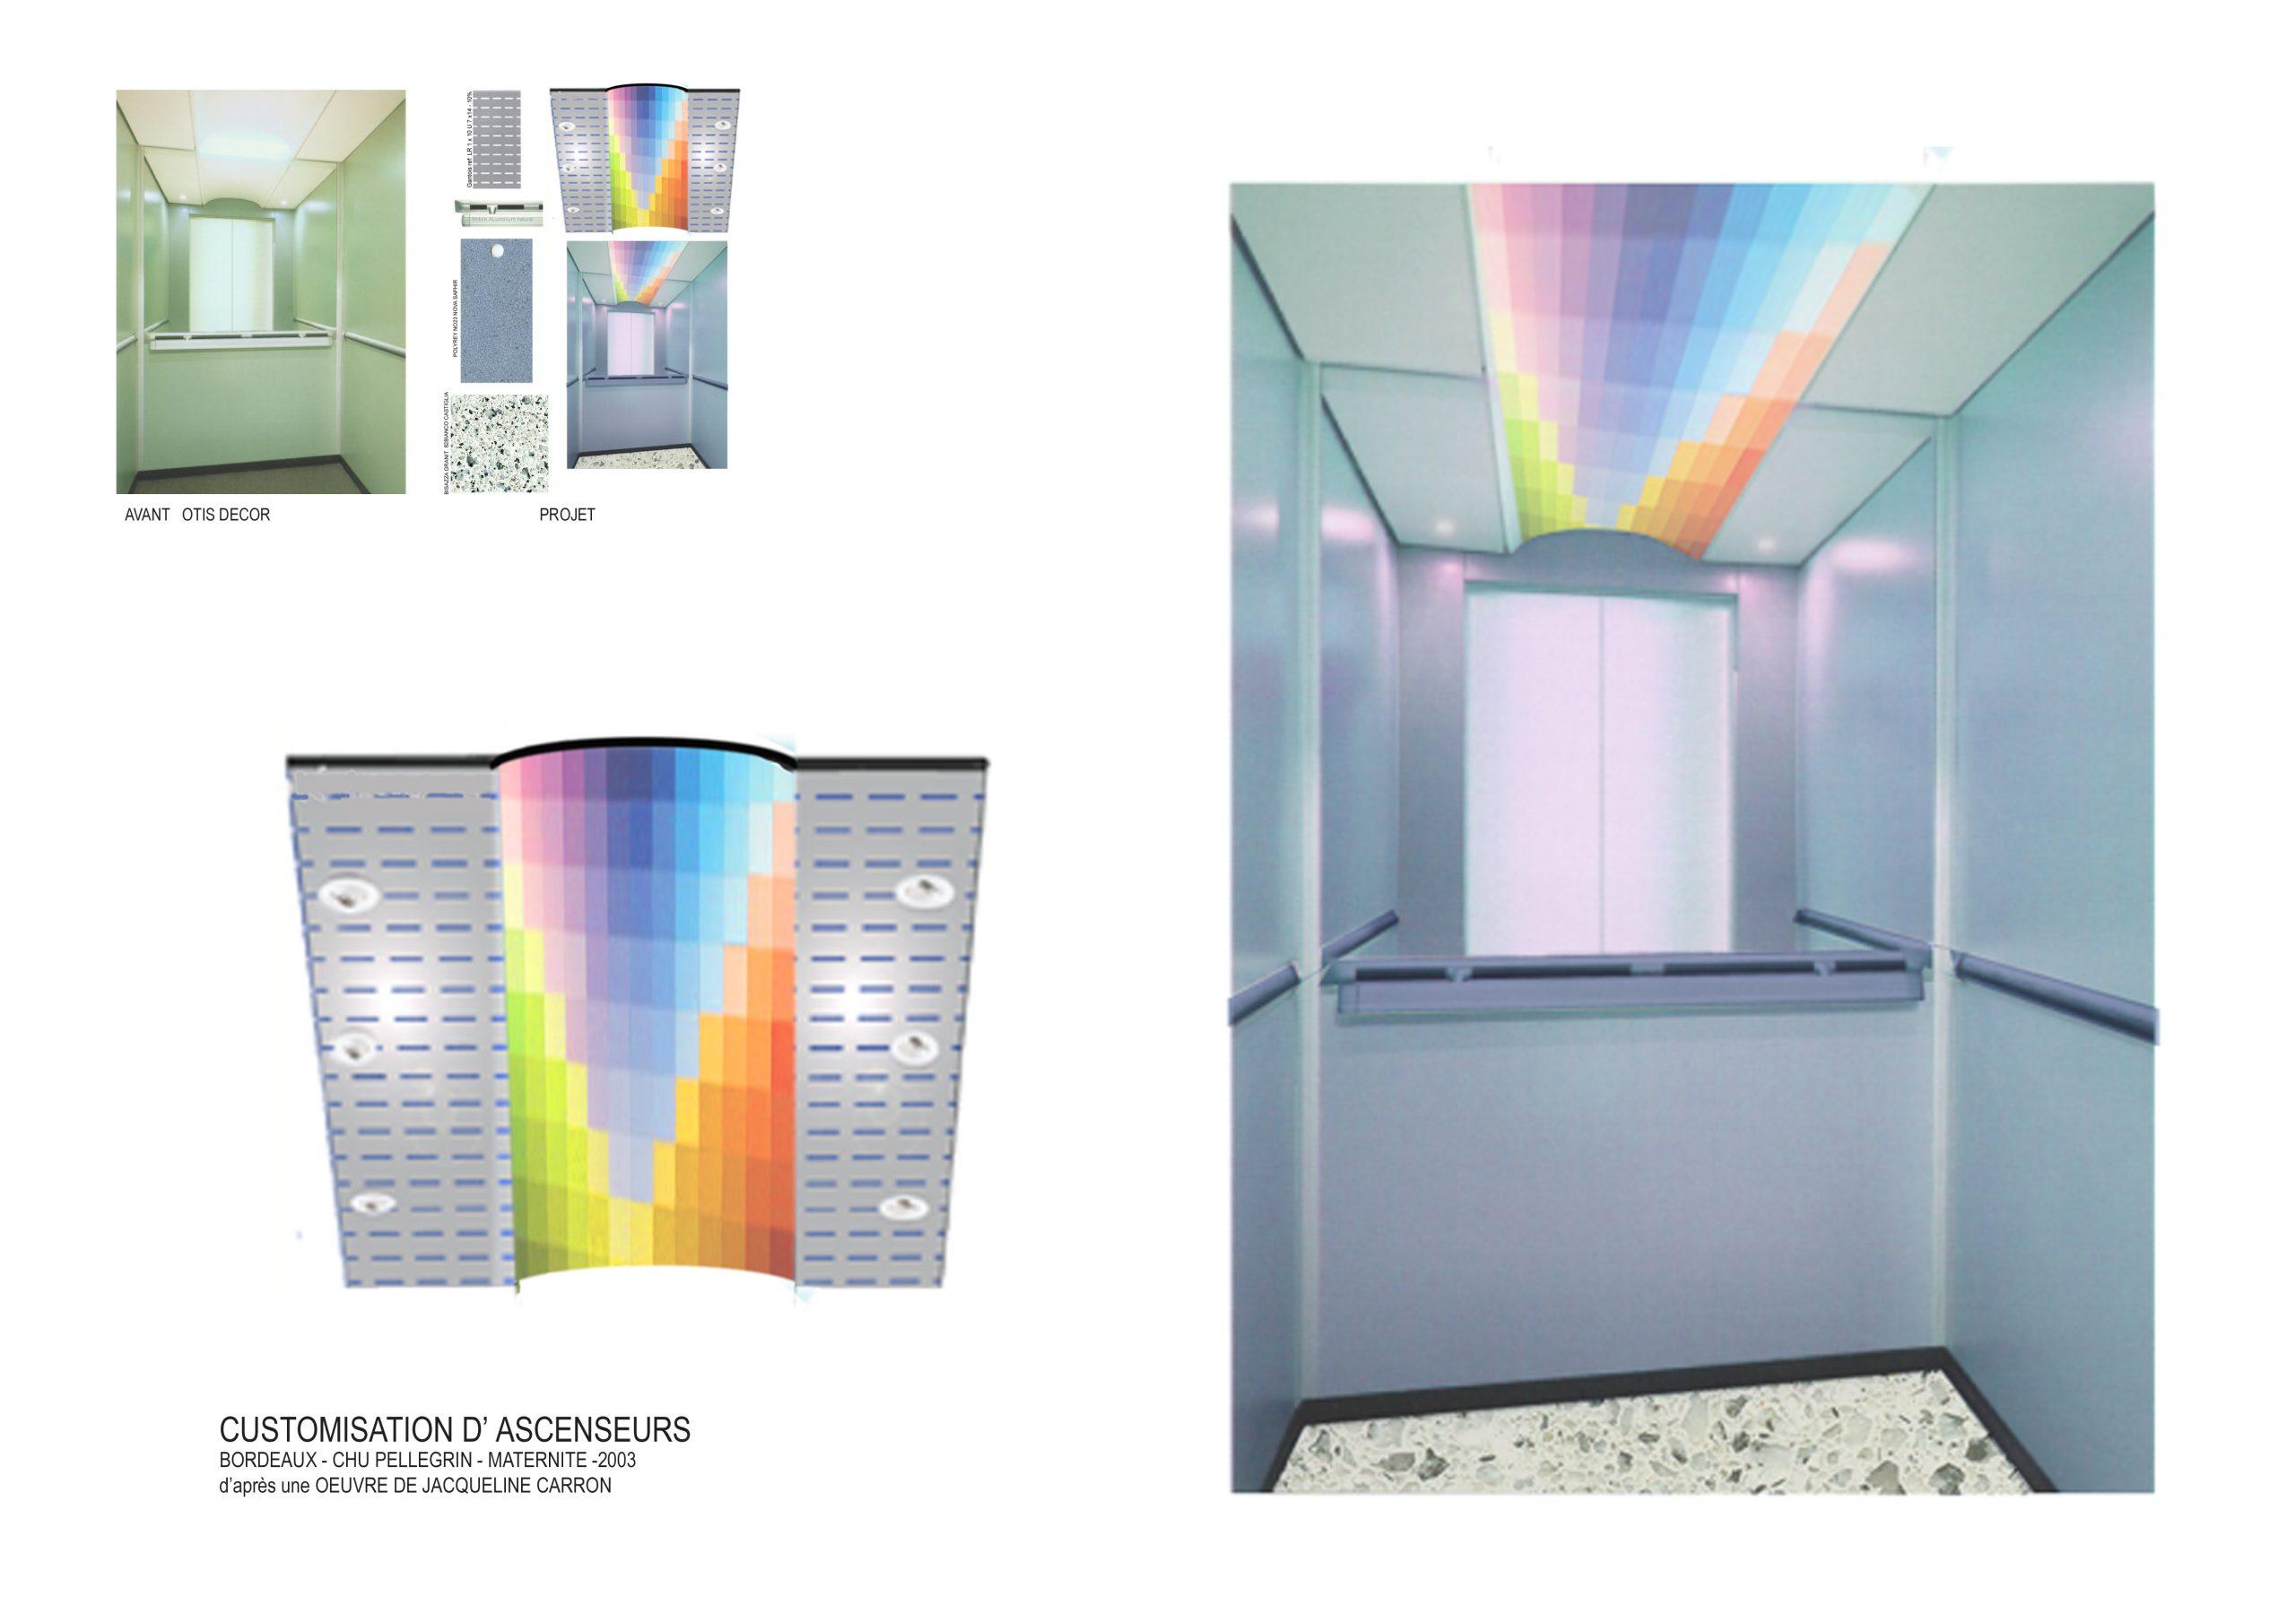 Décor Ascenseur-Oeuvre Jacqueline Carron, peintre-coloriste